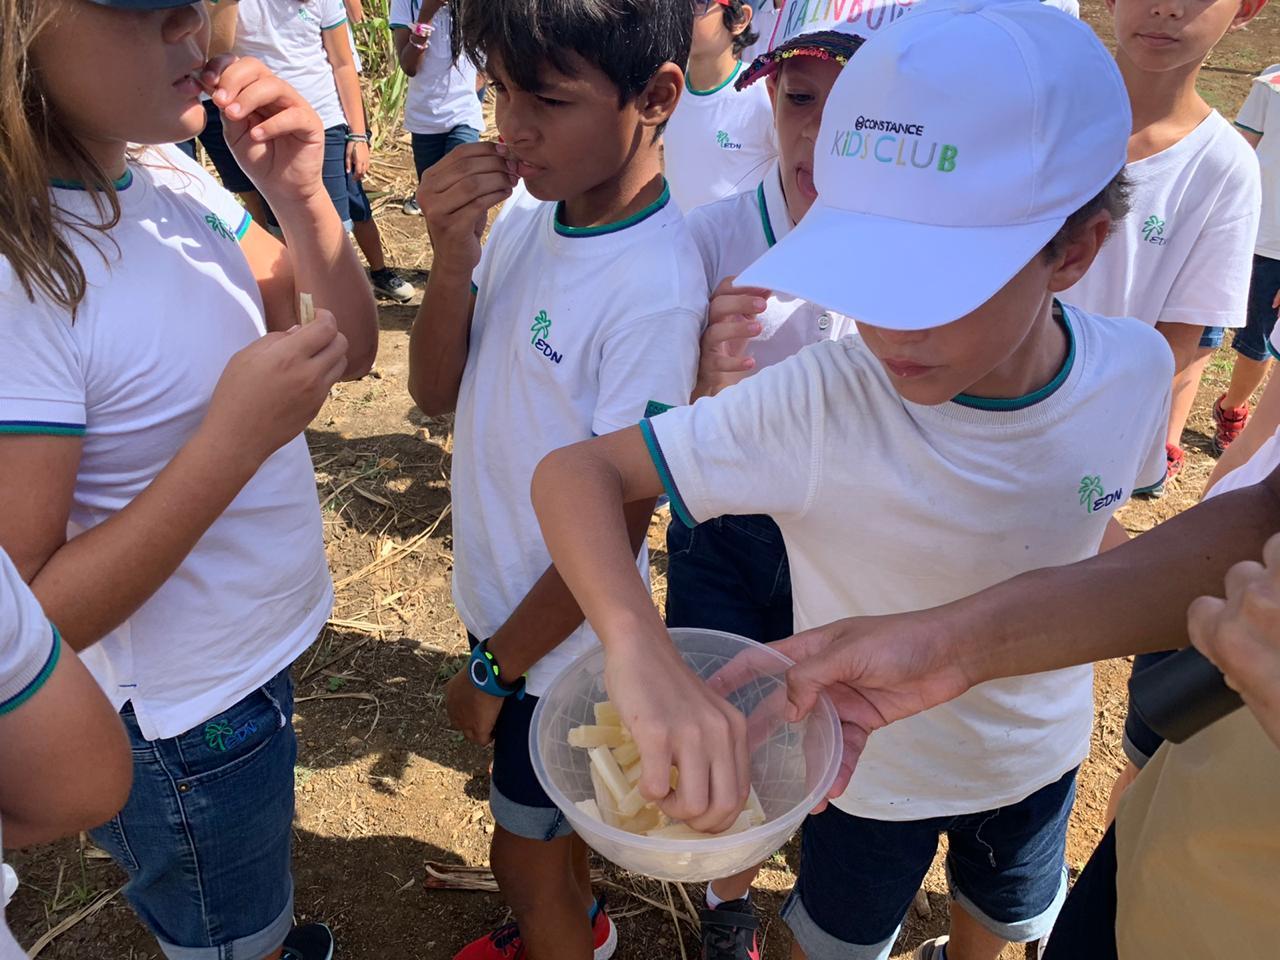 2019-27-11 classe decouverte CM1B aventure du sucre (2)